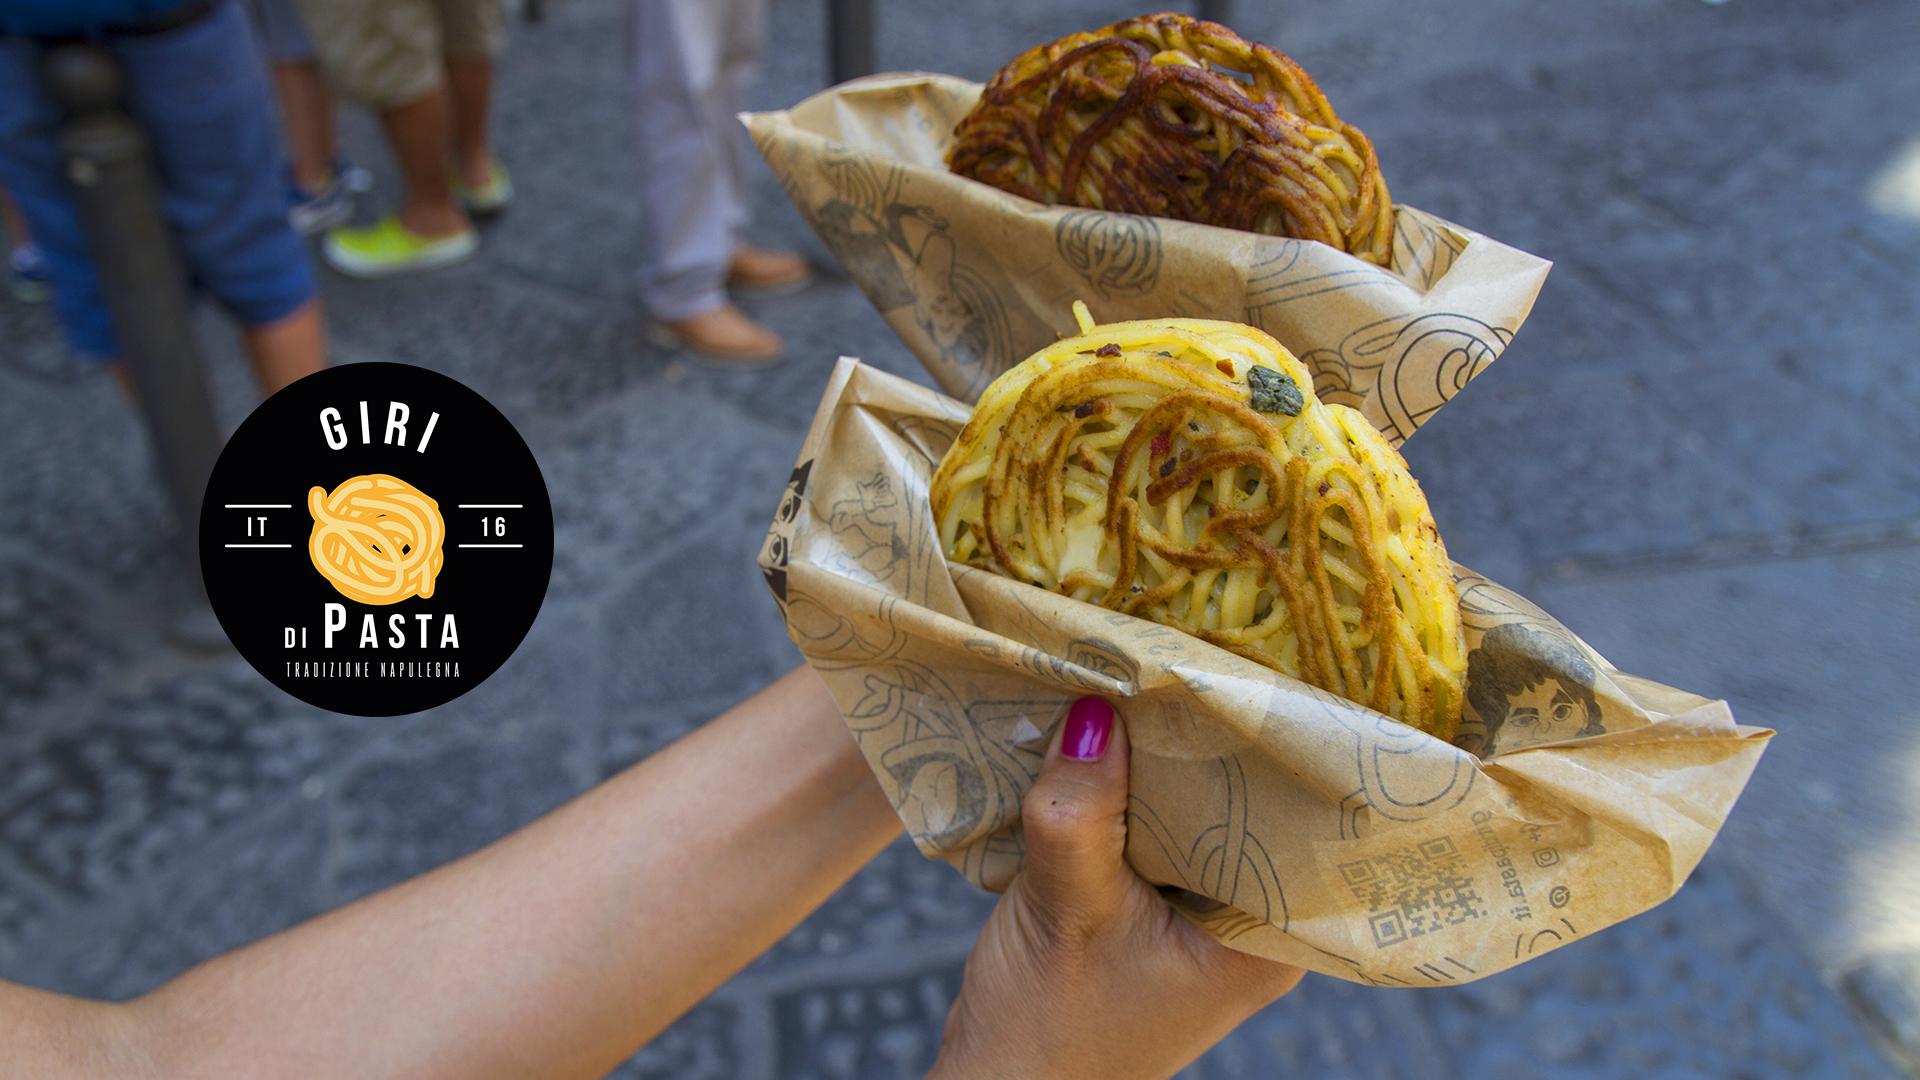 Giri di pasta - Shooting fotografico - Agenzia di comunicazione Napoli - Libellula Grafica Lab